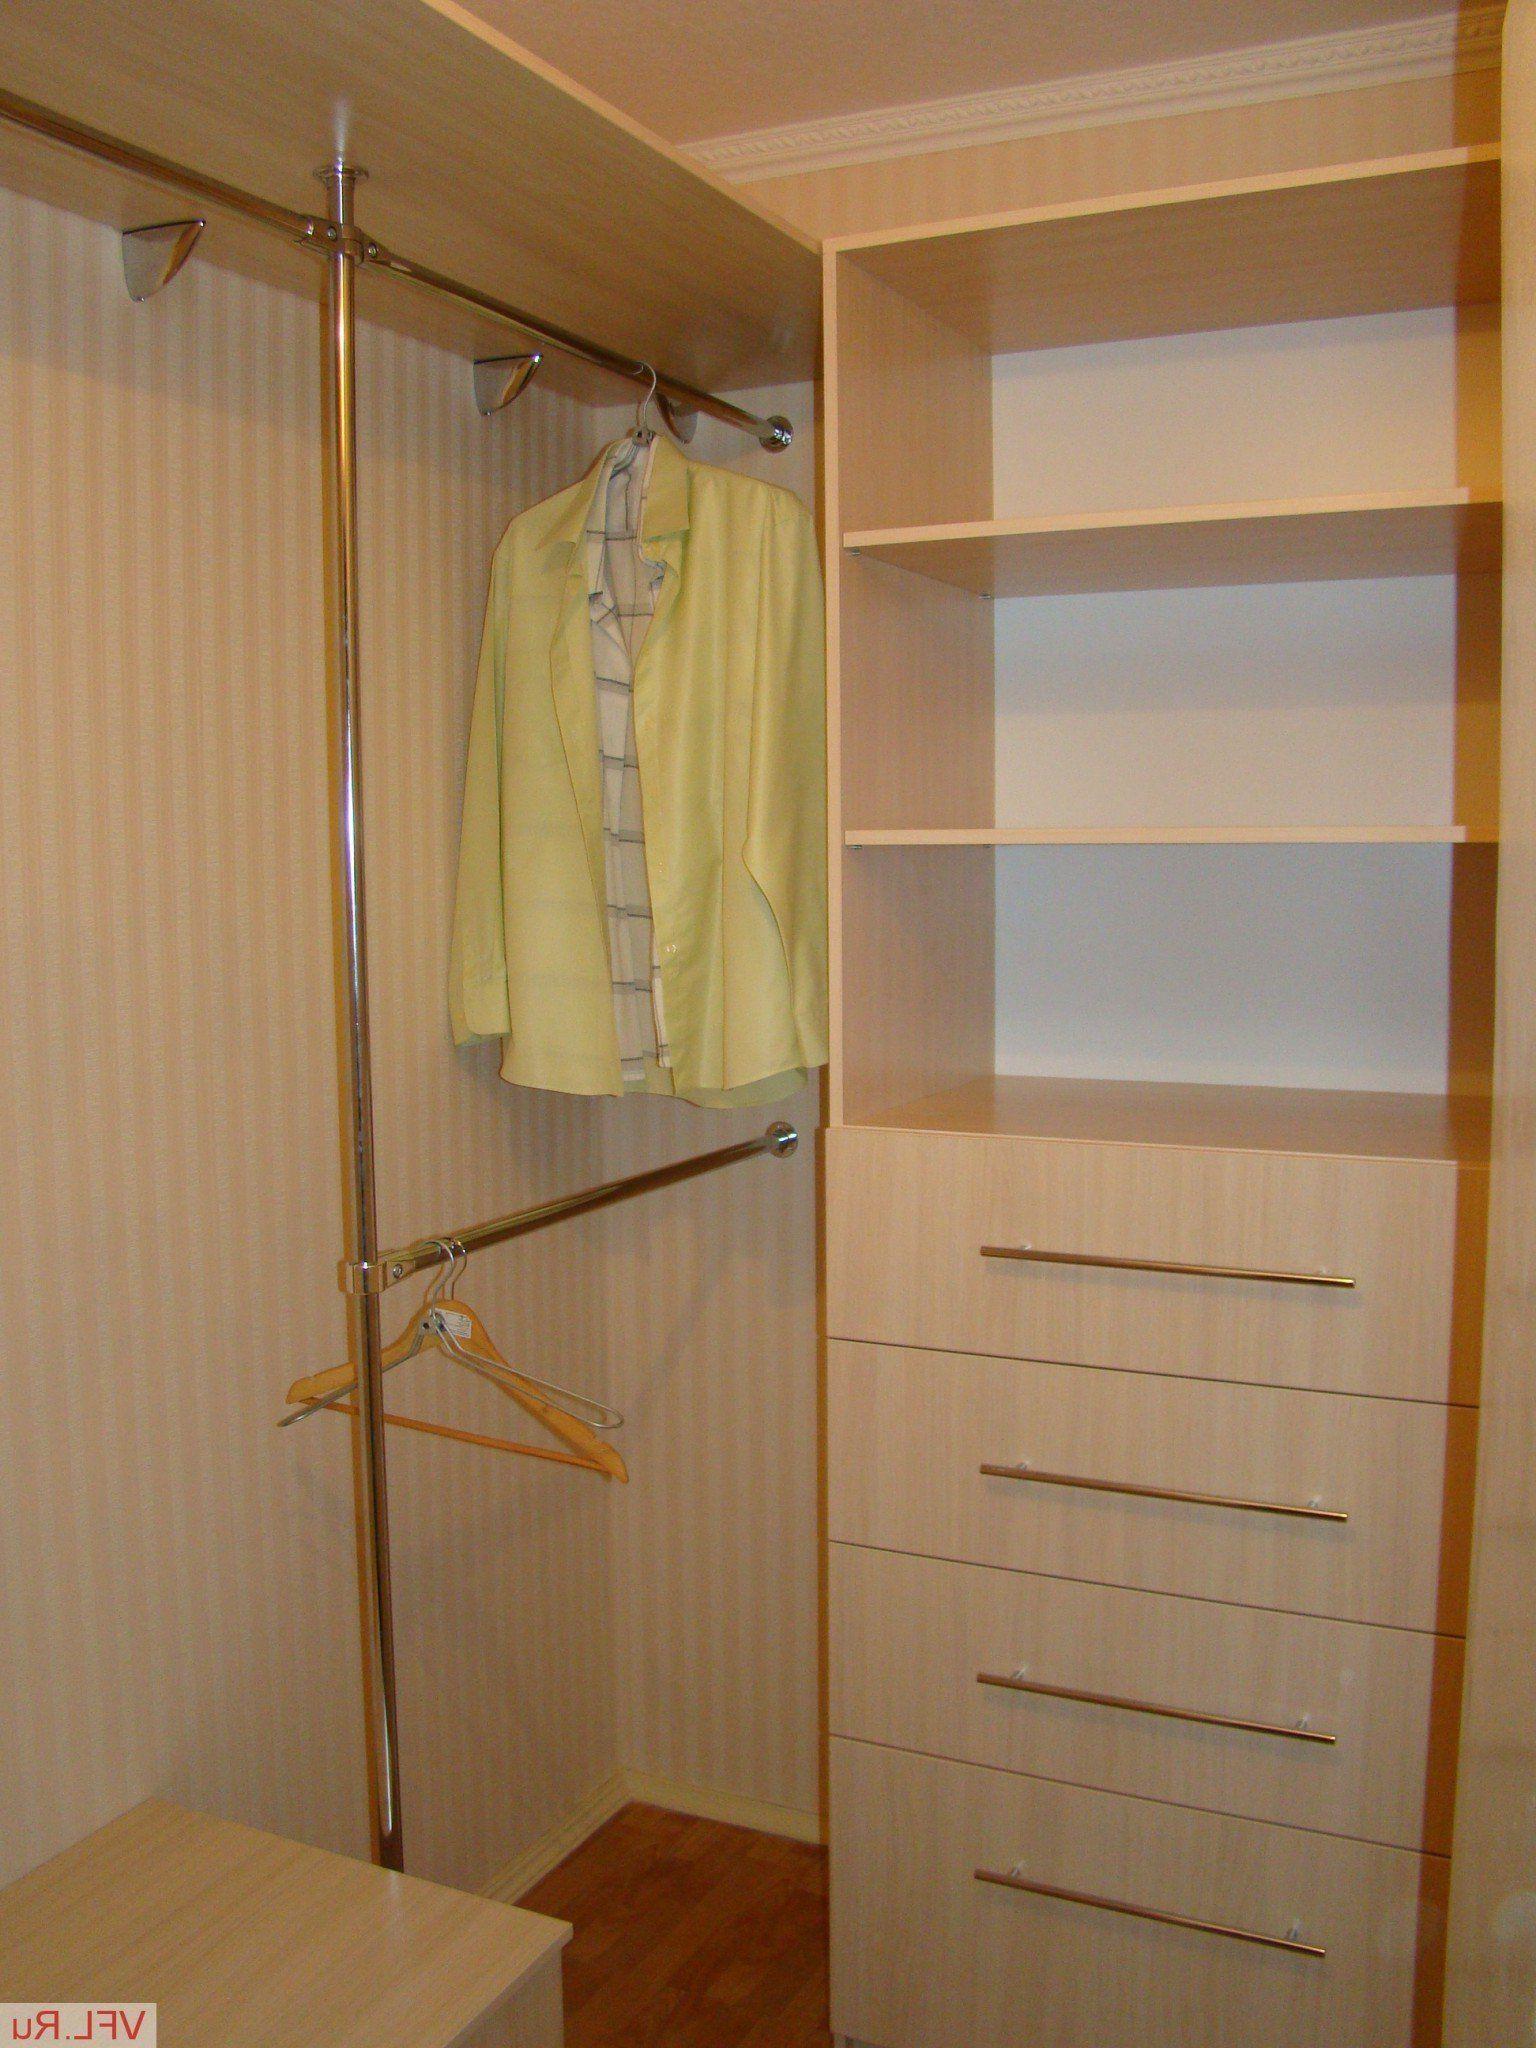 10 лучших идей гардеробных в маленькой спальне - с фото ...  Дизайн Спальни С Угловой Гардеробной